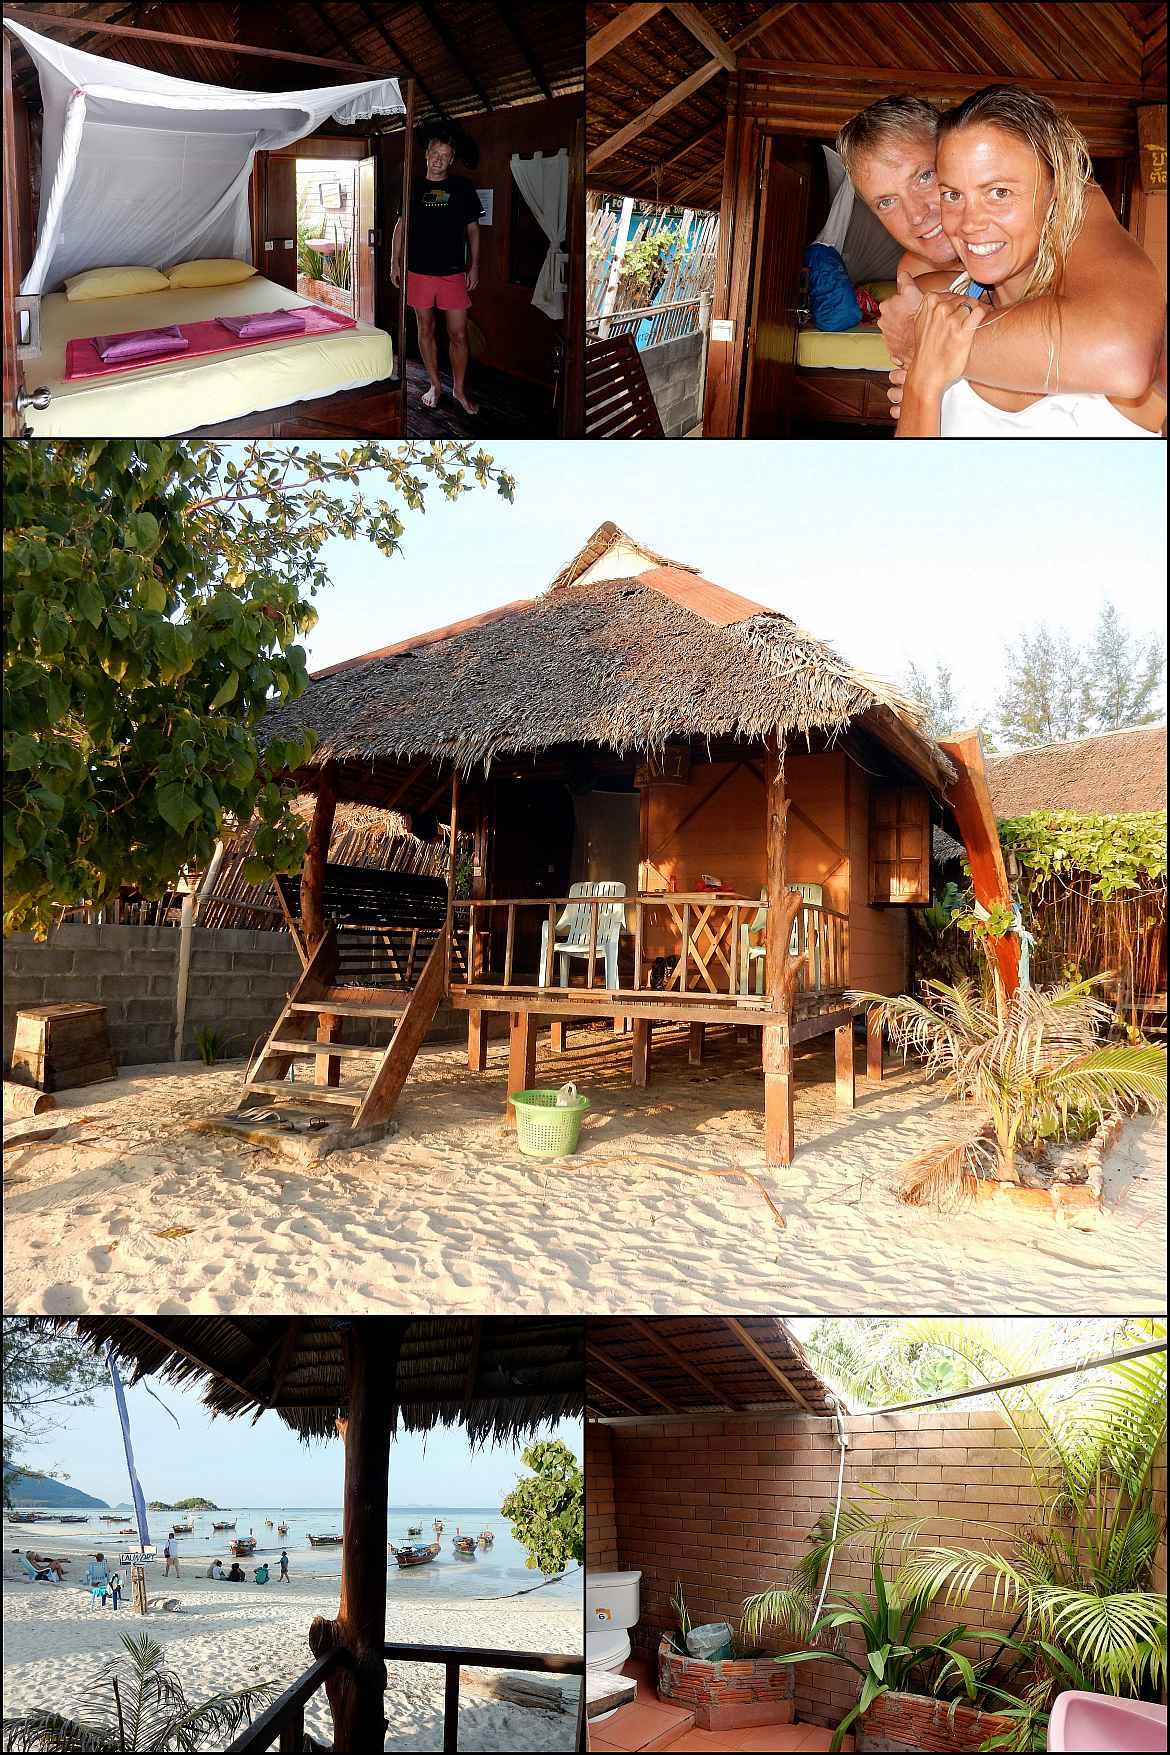 Thailand | Unsere Strandhütte direkt am Wasser am Sunrise Beach auf Ko Lipe. Verschiedene Eindrücke unsere Unterkunft Gipsy Resort